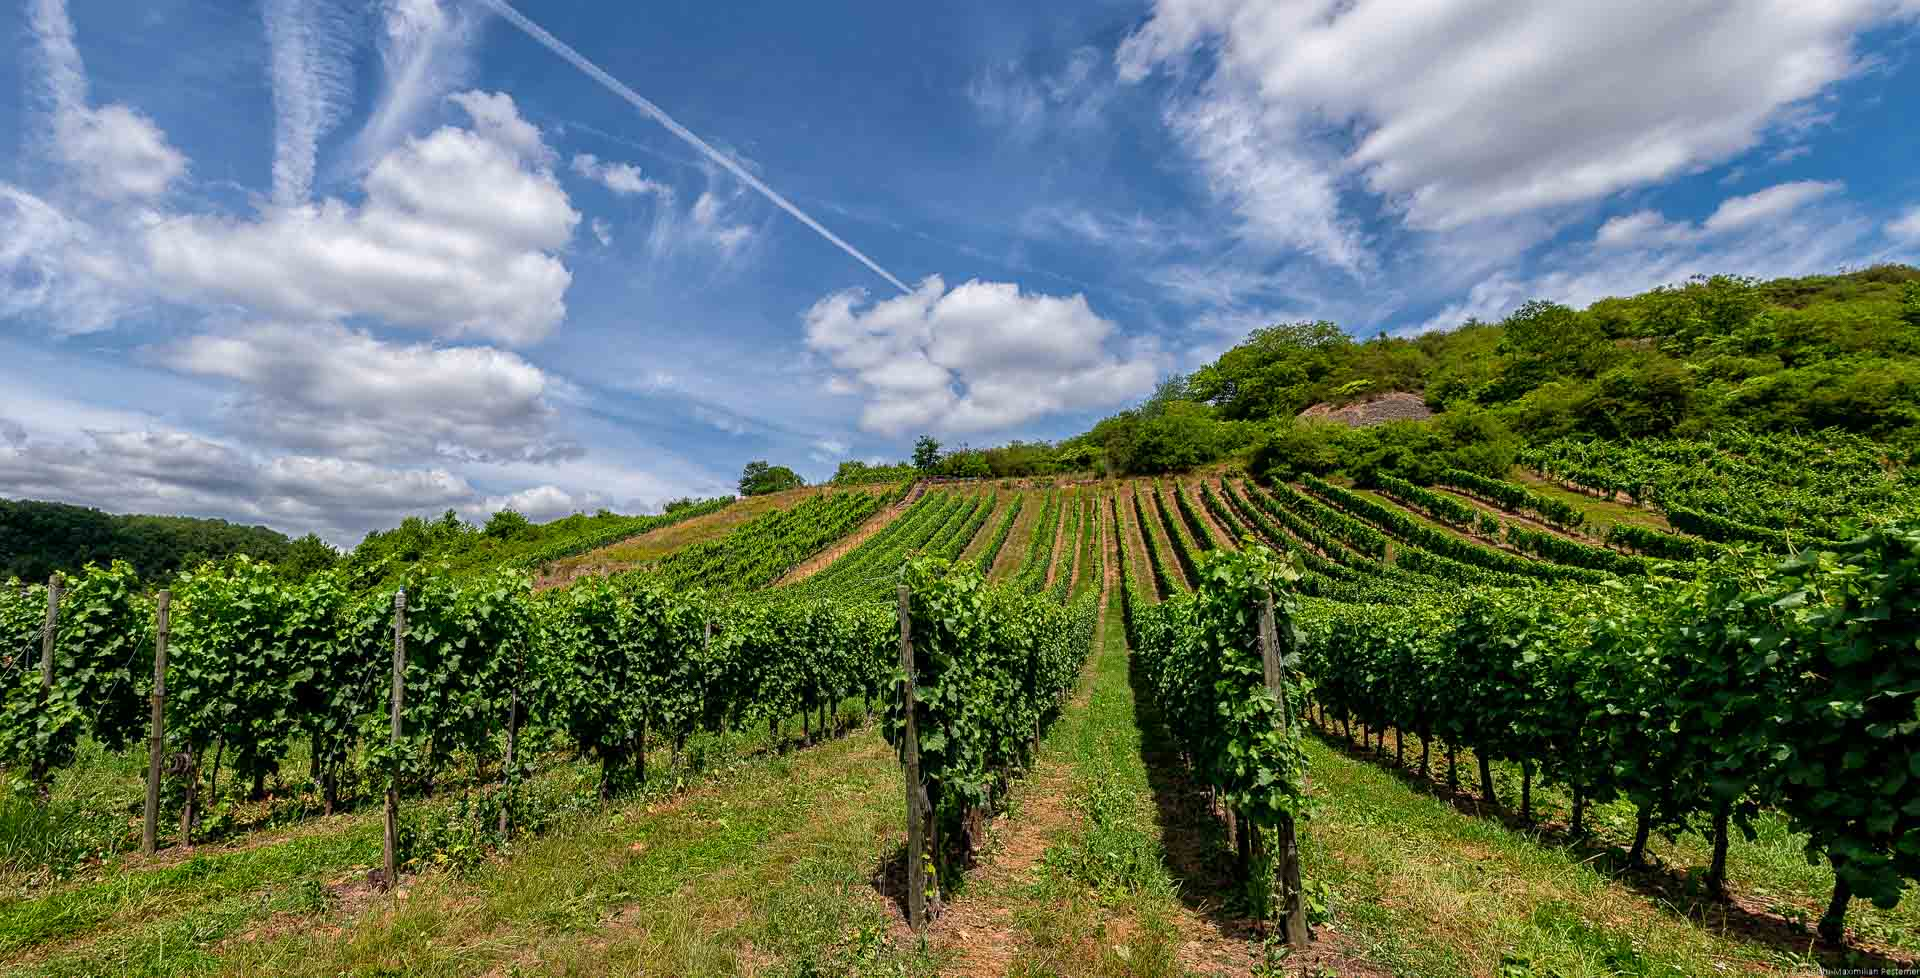 Man blickt auf die Rebzeilen des steilen Mosel-Weinberges Wellener Altenberg. Oben am blauen Himmel erkennt man viele Wolken.